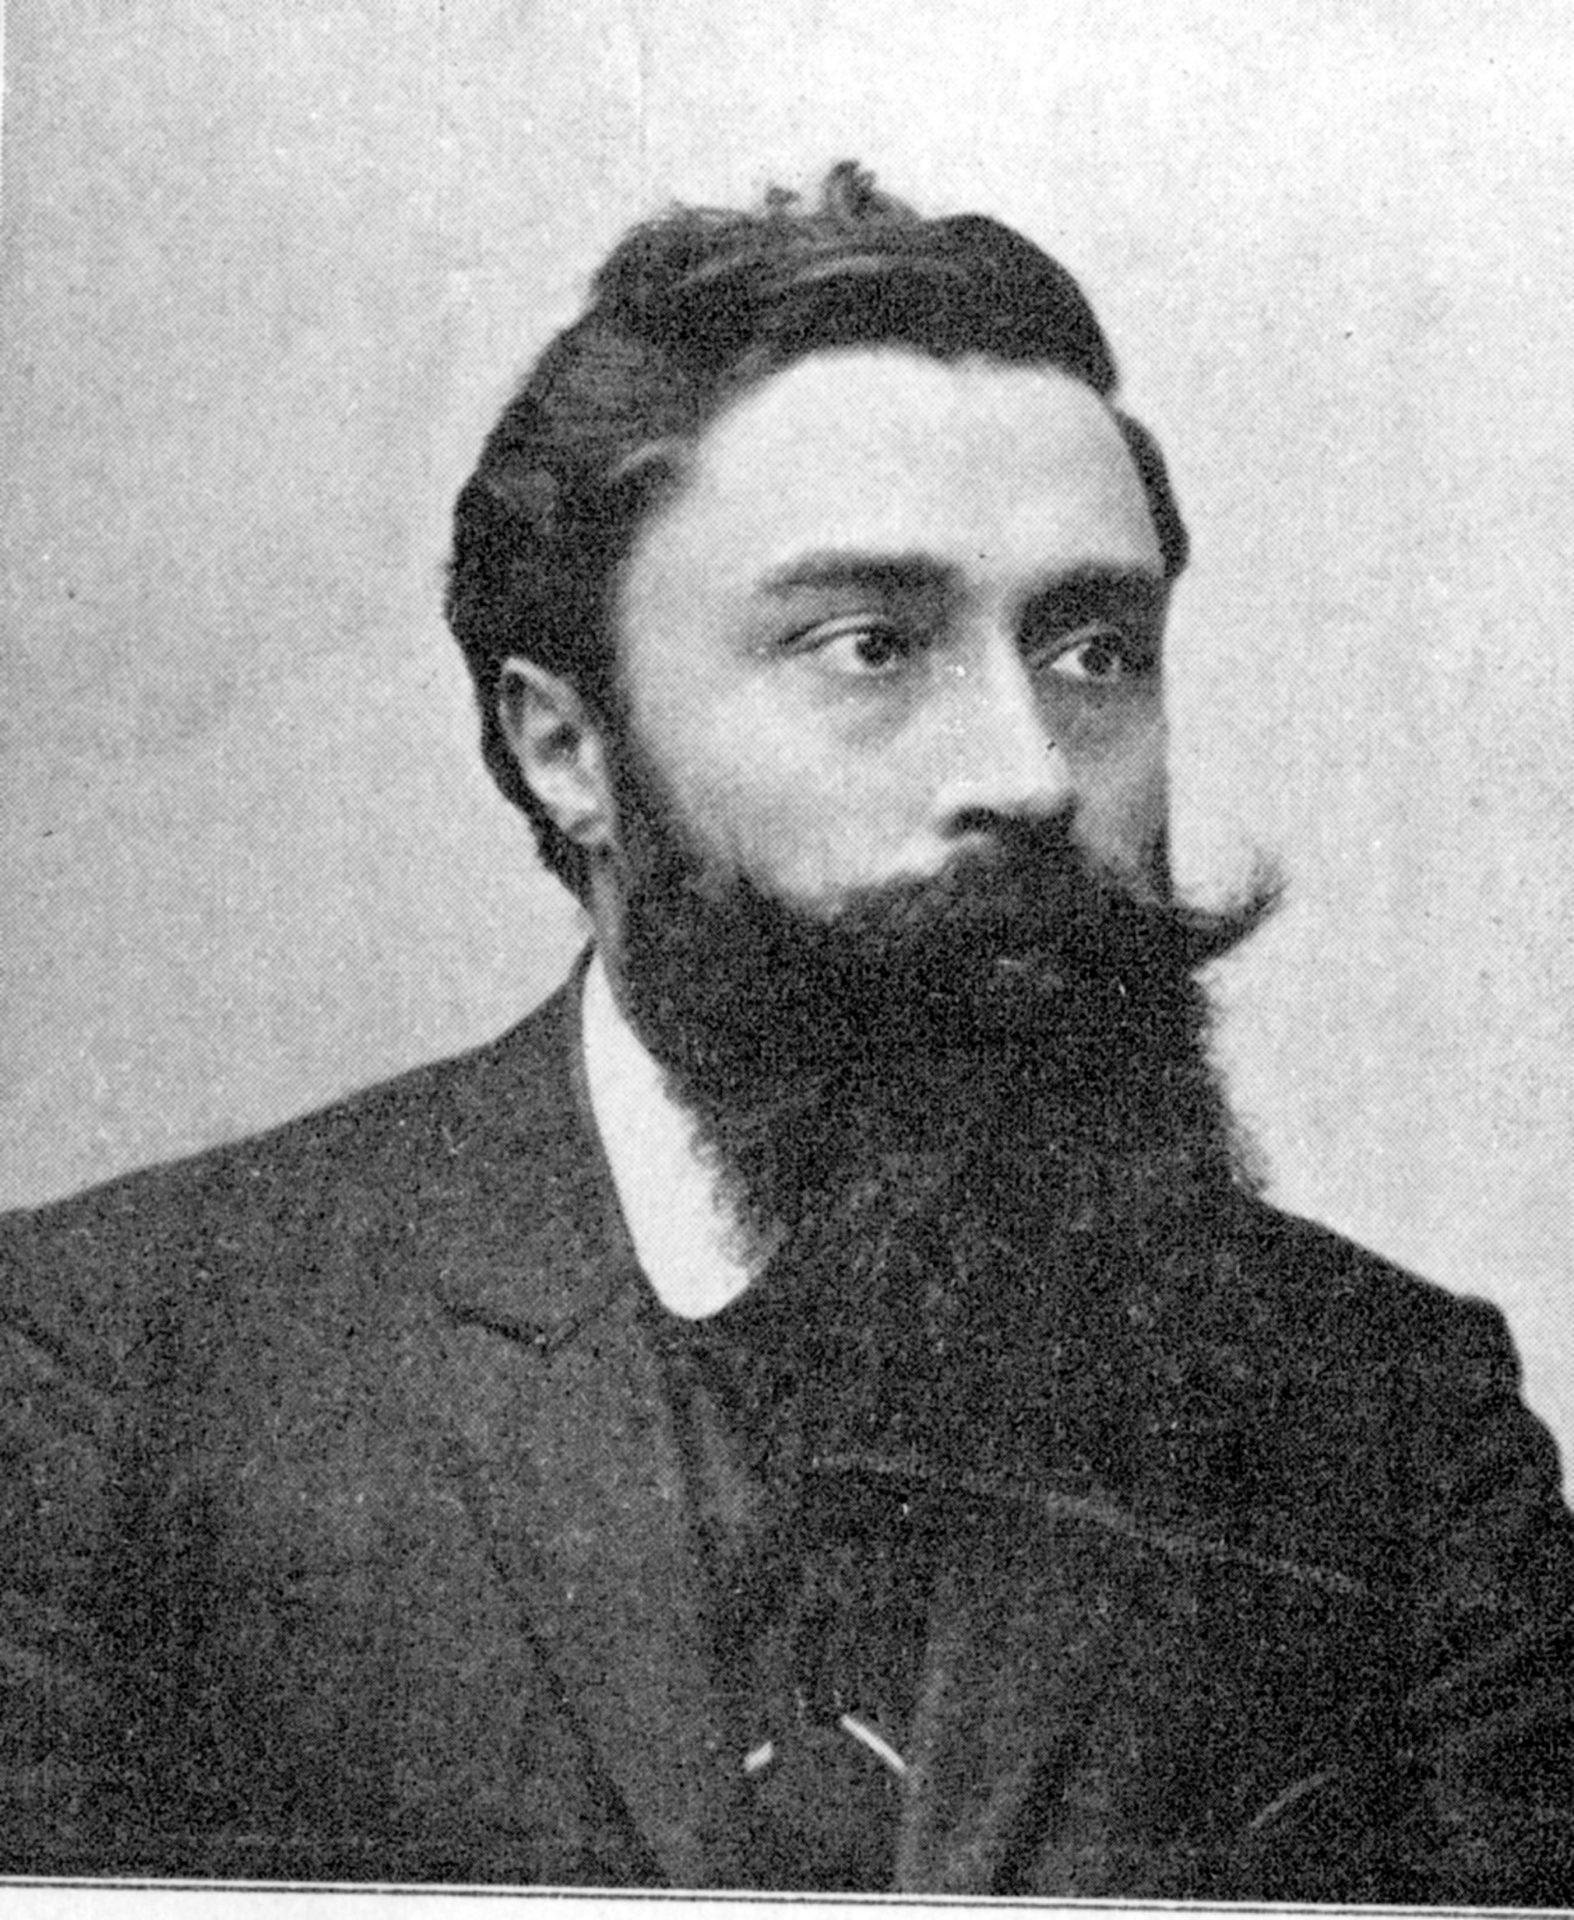 Alexandre Varenne portrait sur une carte postale - Alexandre Varenne Député du Puy-de-Dôme